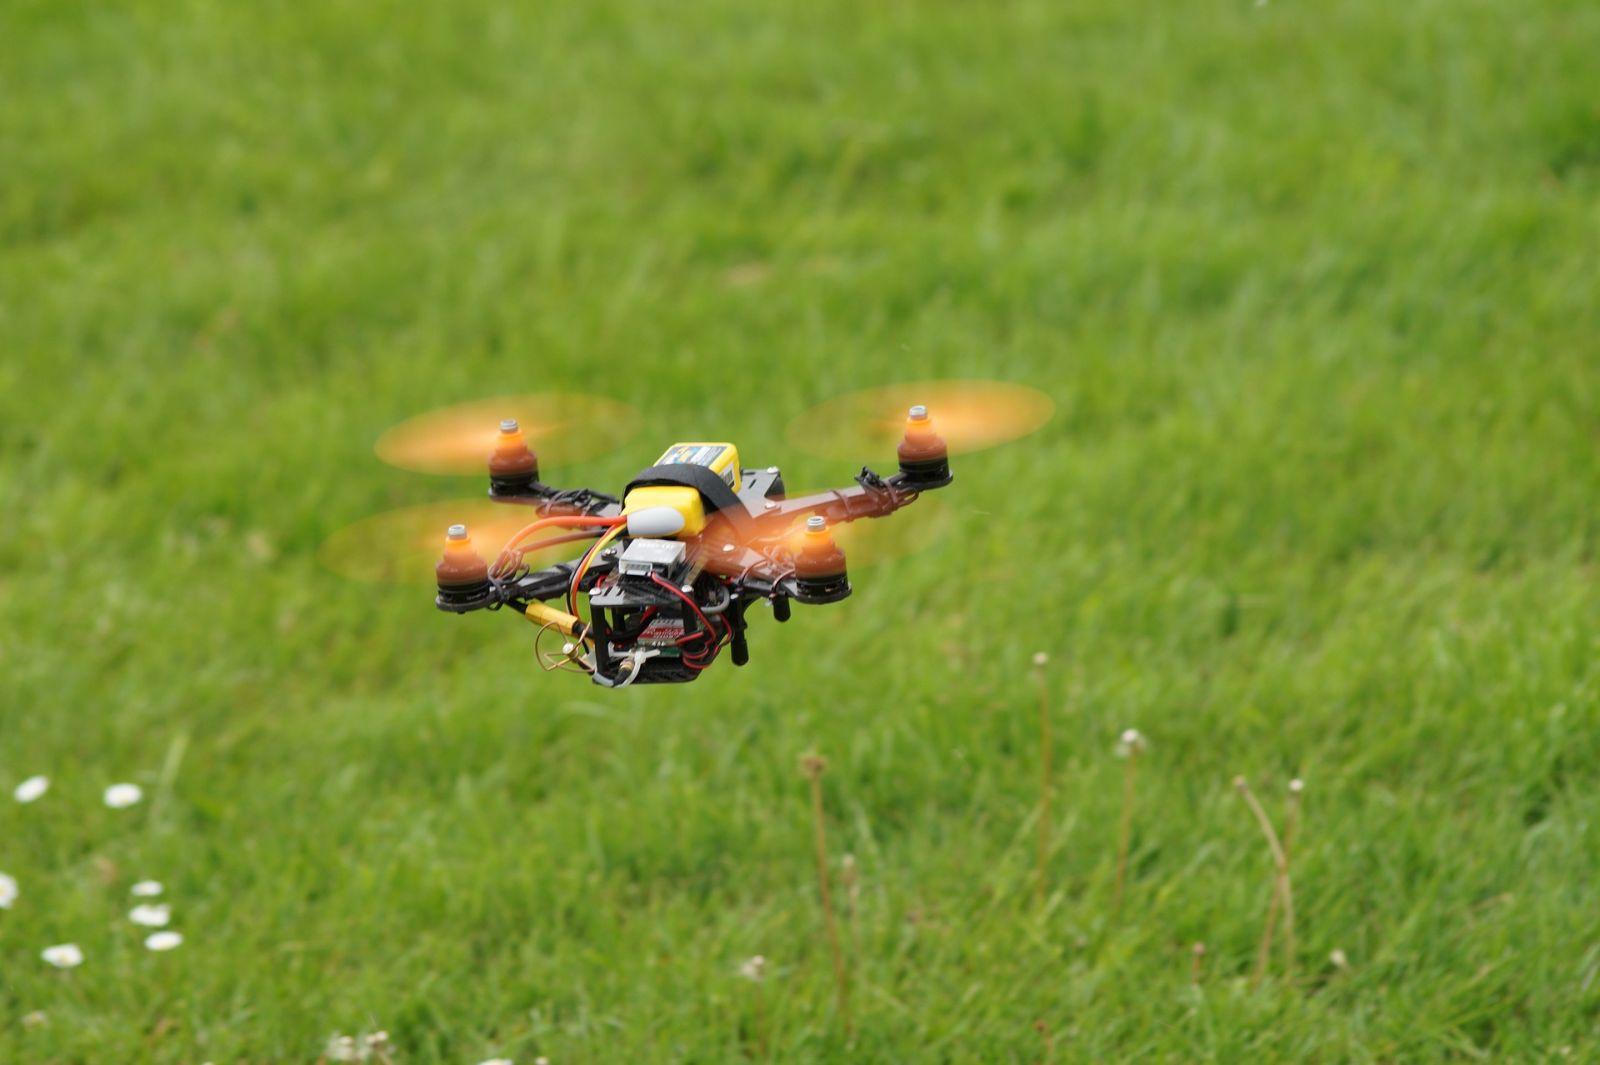 portugal drone race miranda corvo